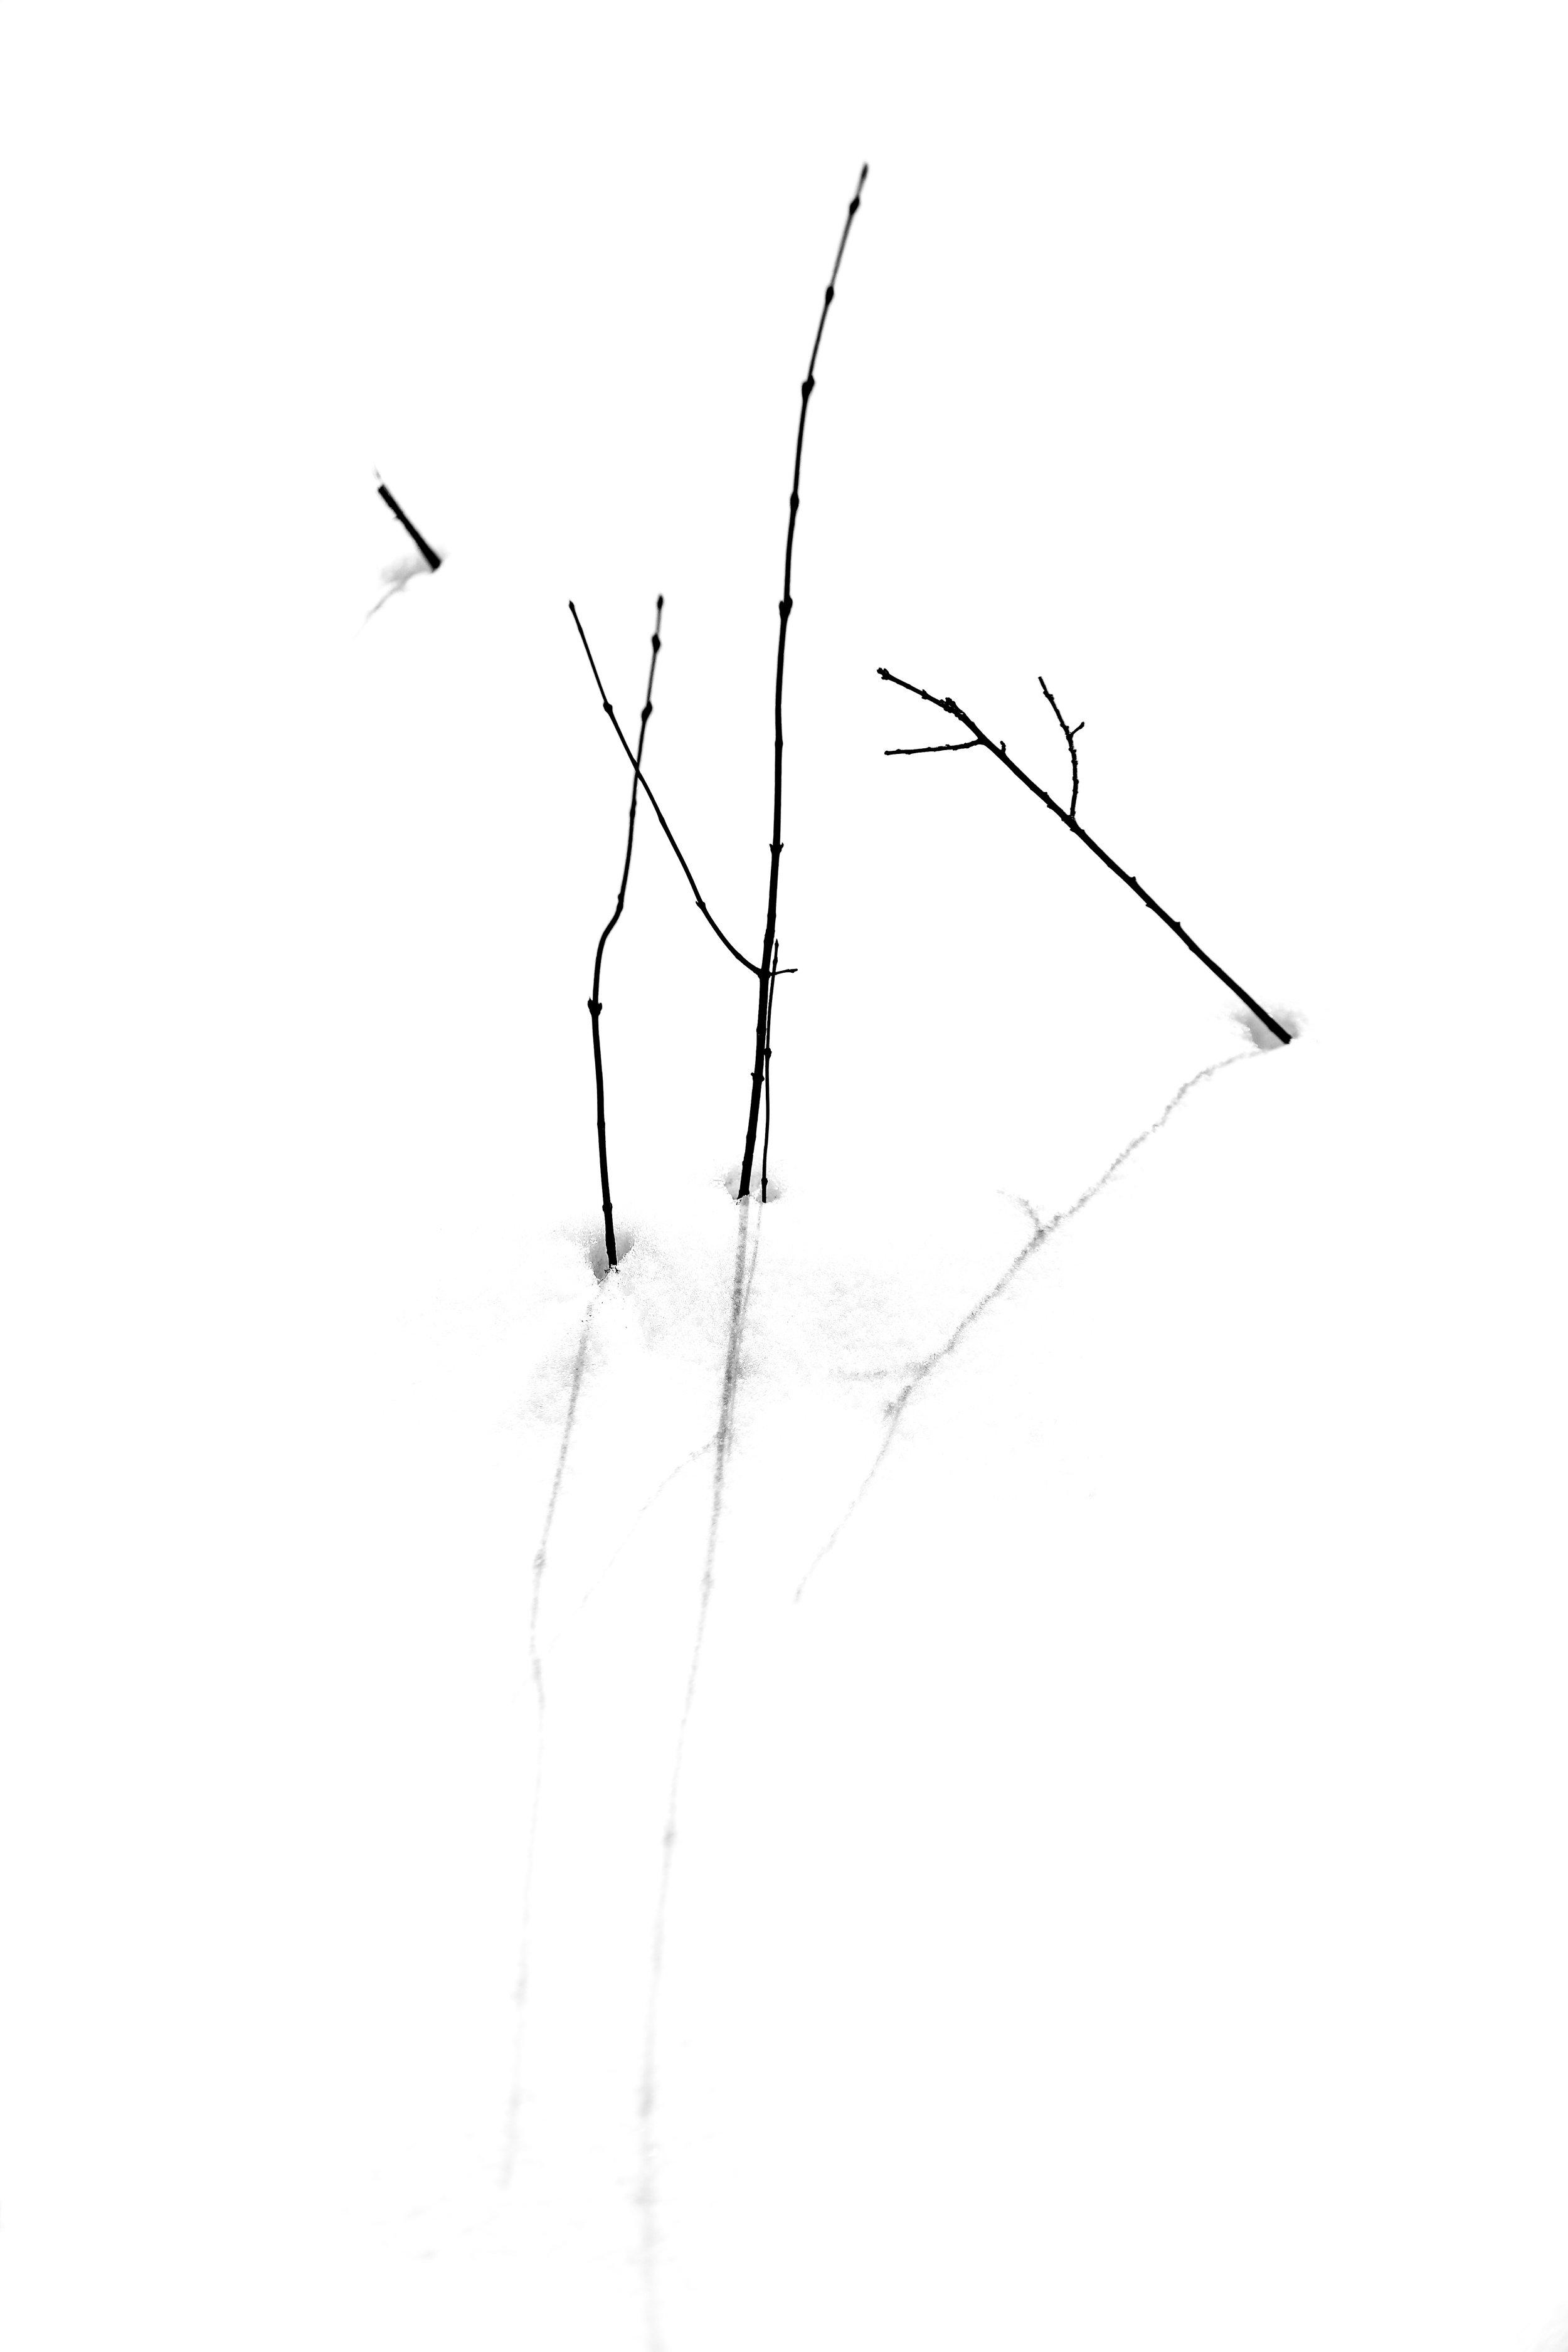 2X6A3668-2.jpg